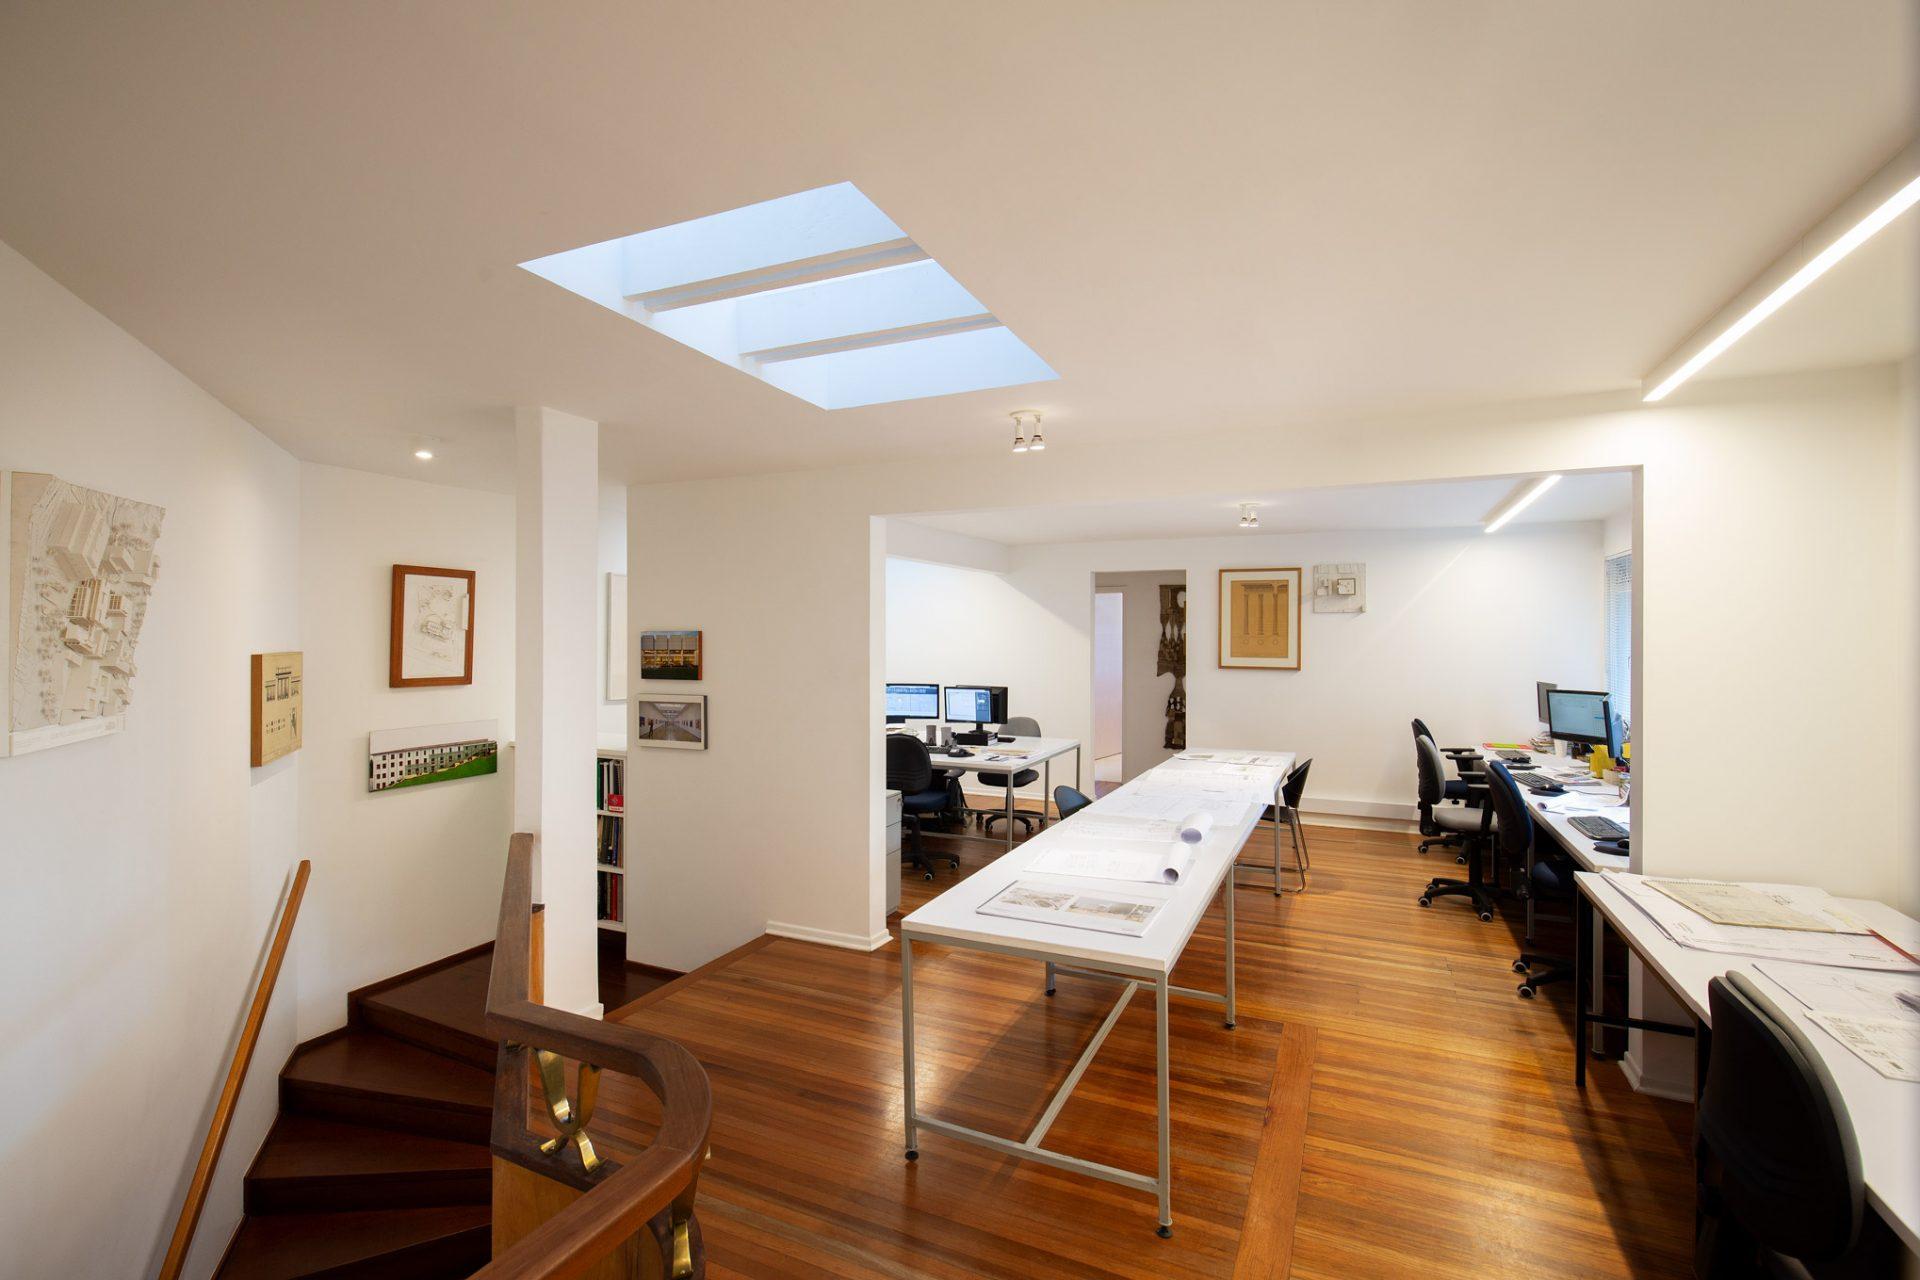 07.bermudez.arquitectos.bogota.simon.bosch.photography.architecture.interior